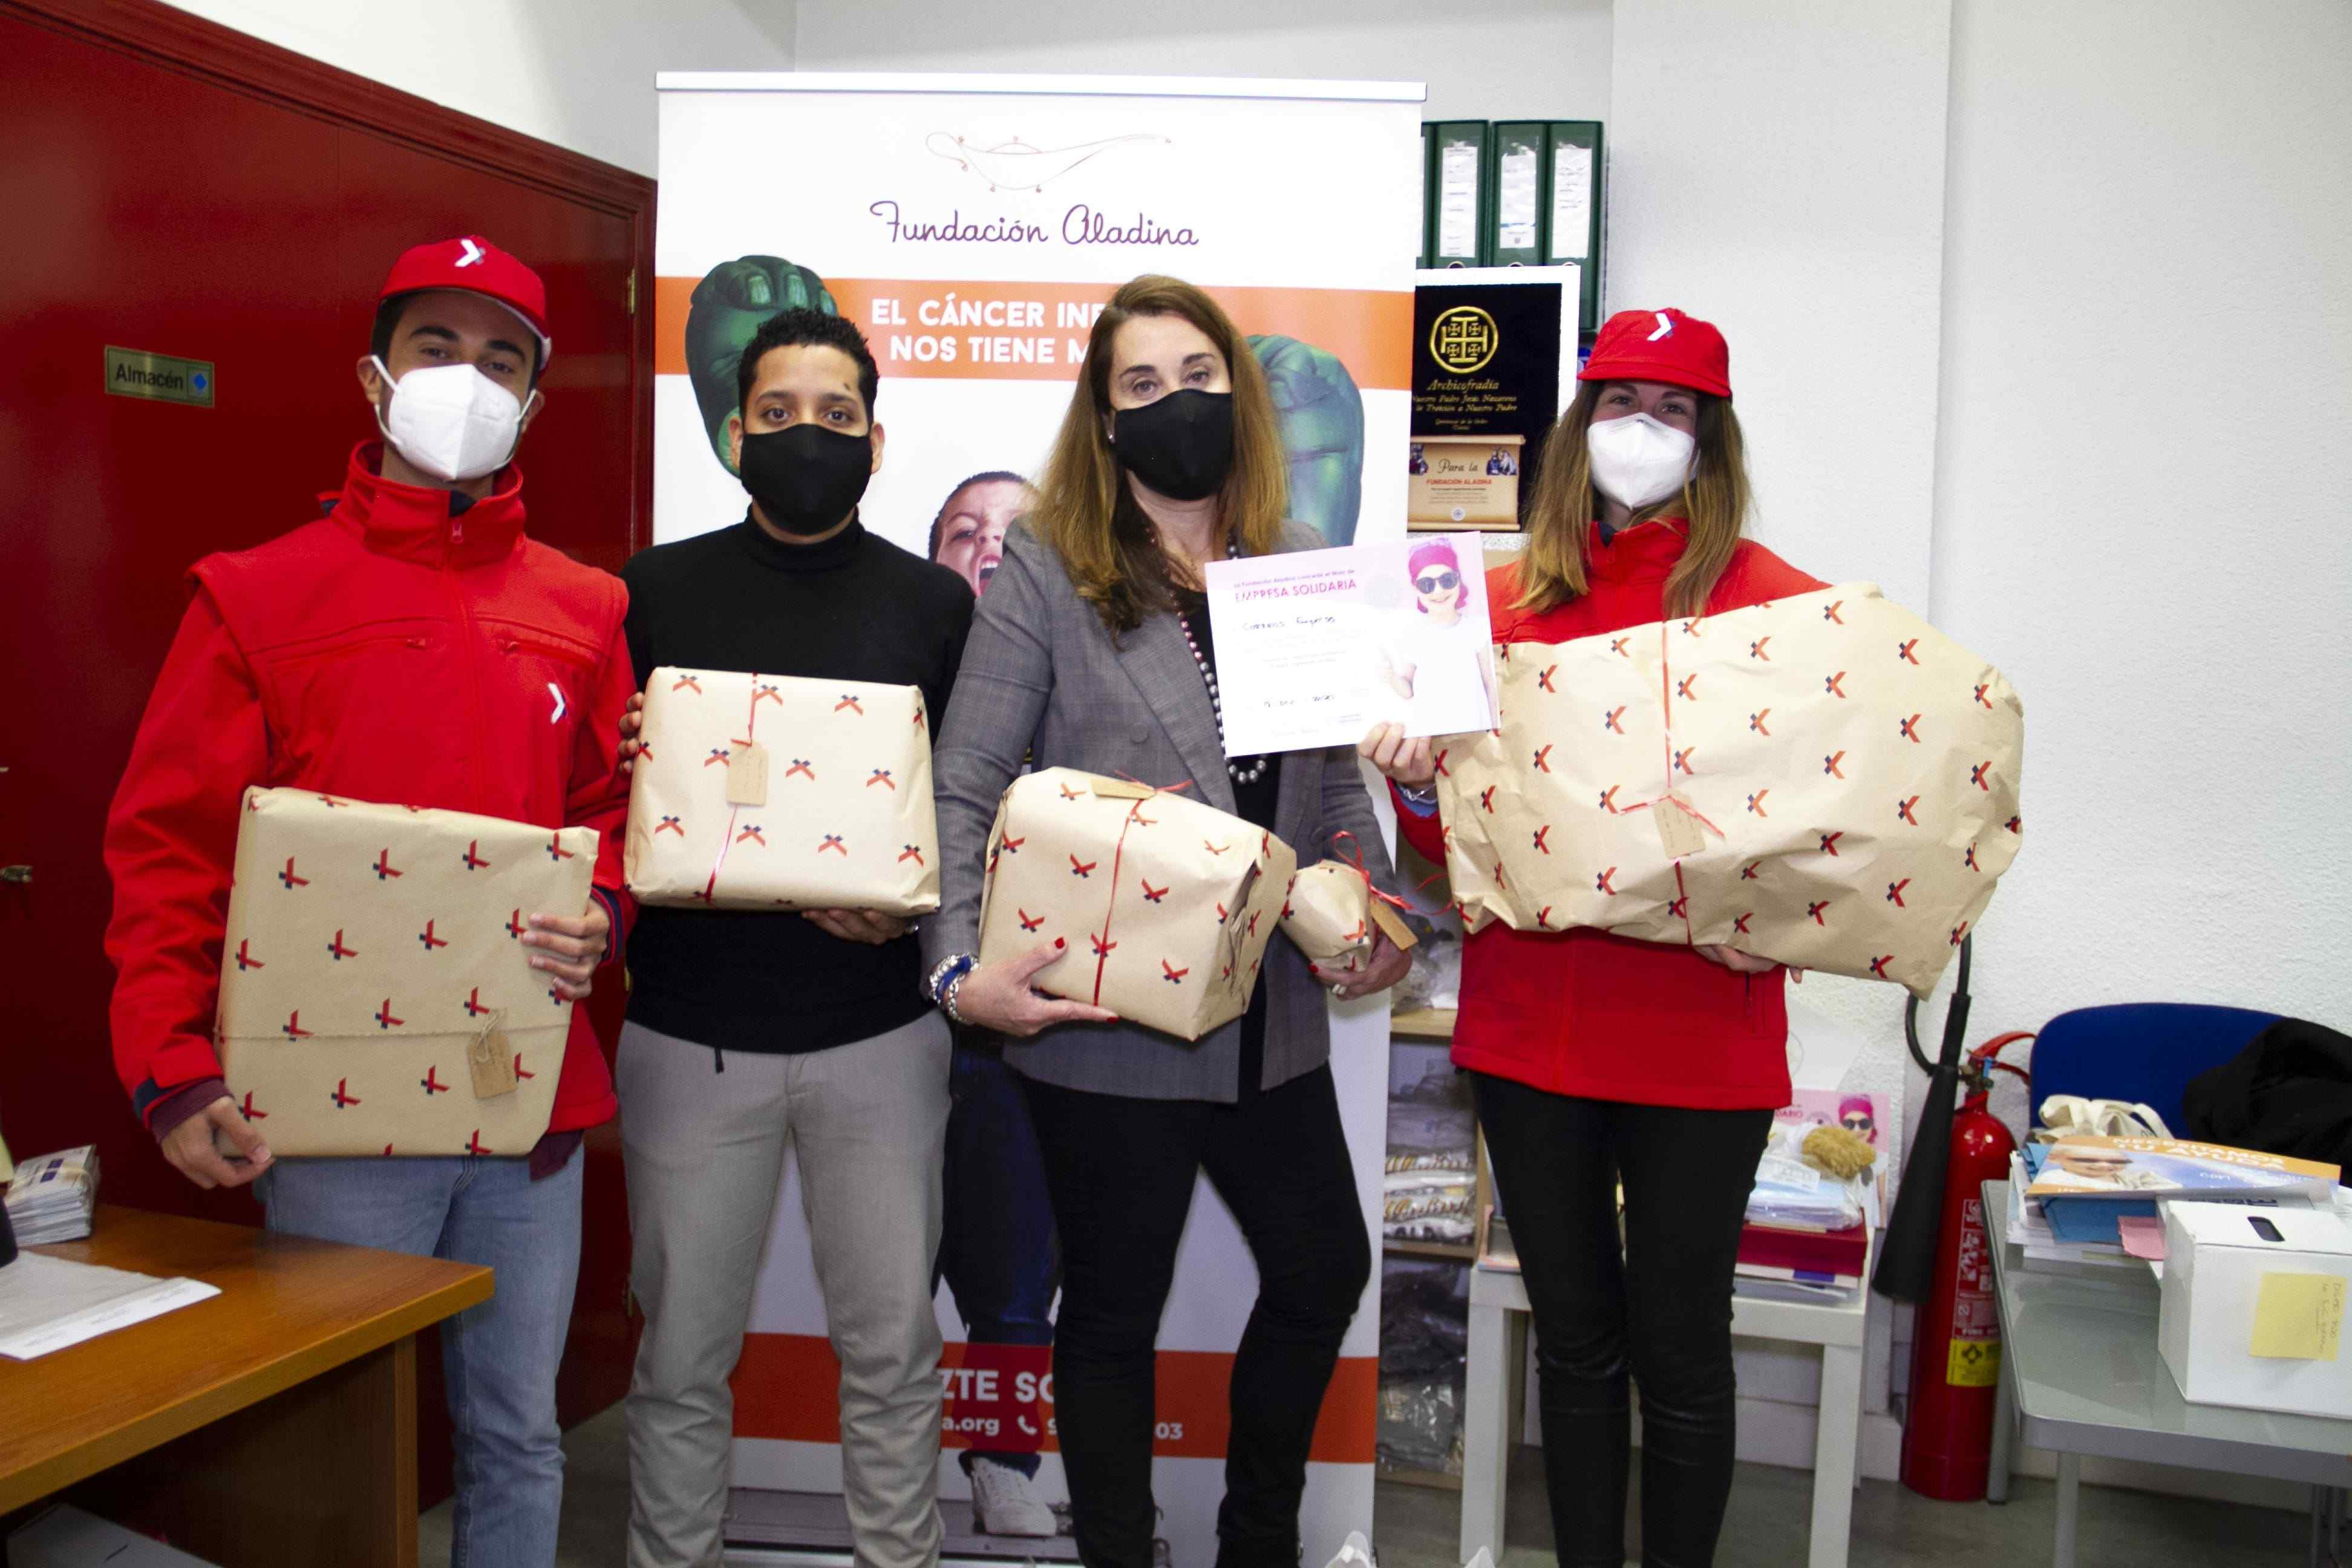 Correos Express colabora con la Fundación Aladina para donar juguetes a los niños hospitalizados de la Comunidad de Madrid